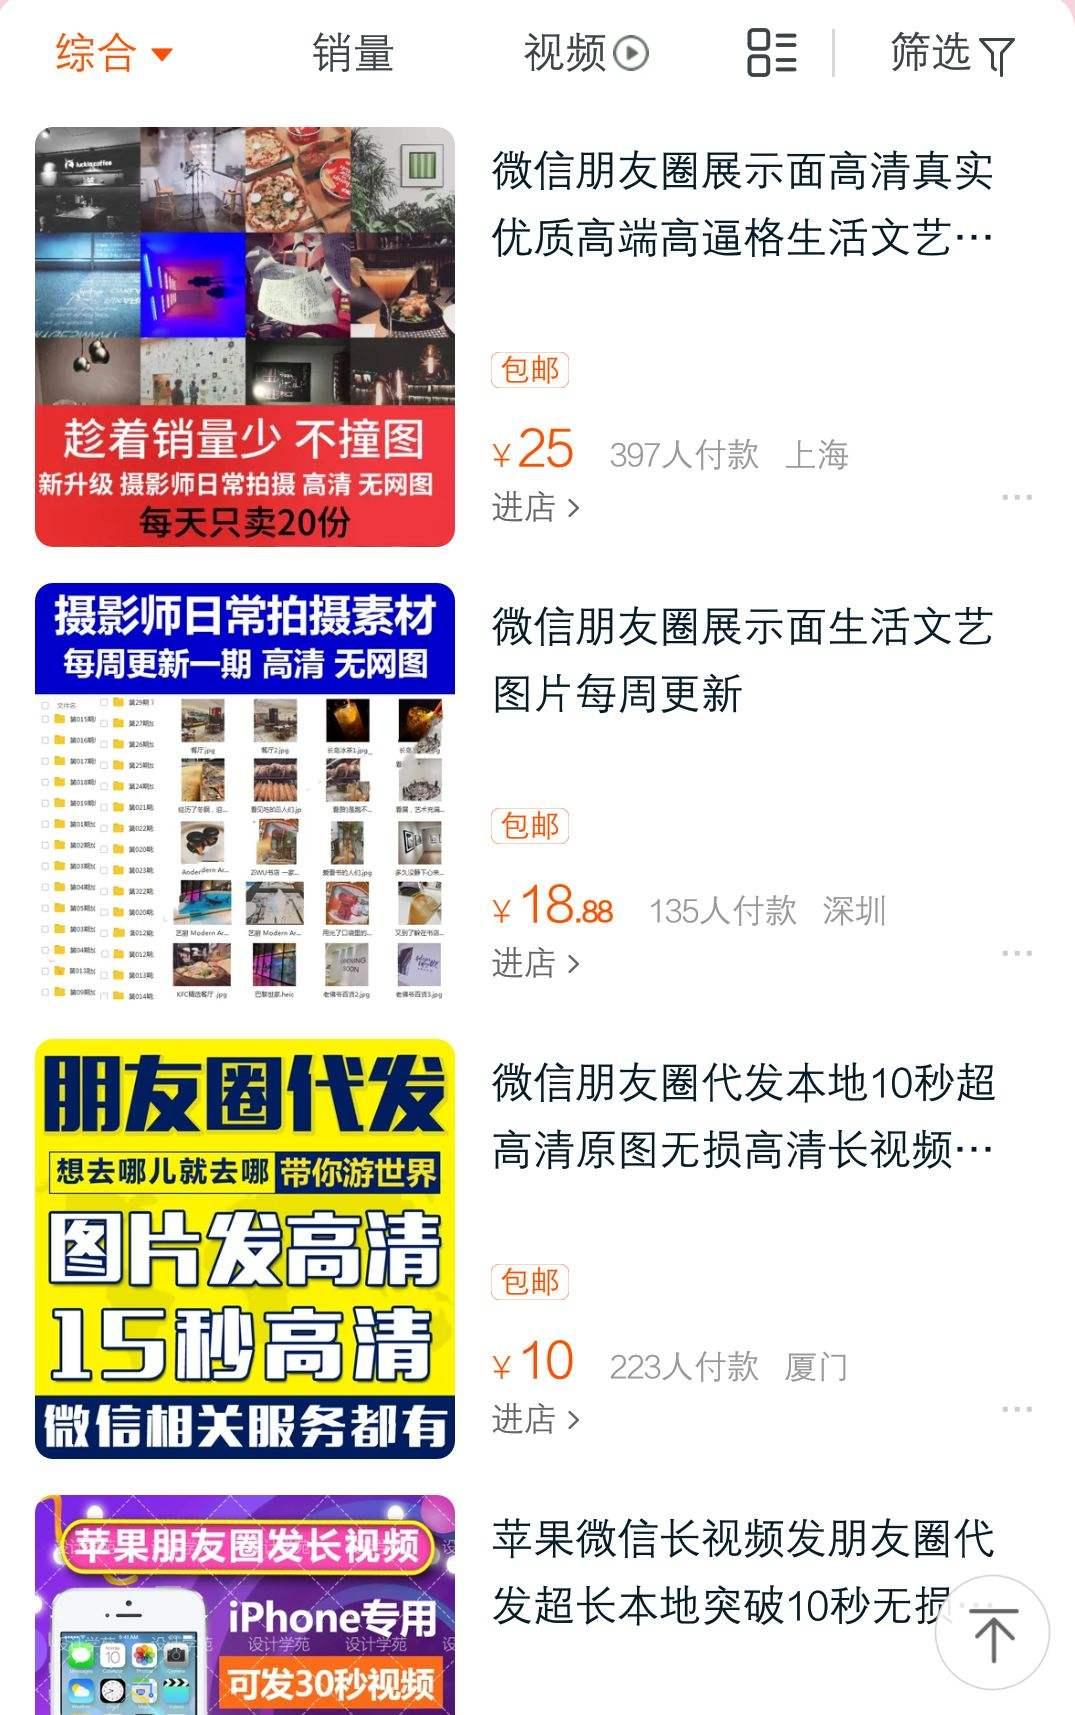 """广东、江苏等9省小微创业者将尝鲜""""发票贷款"""""""